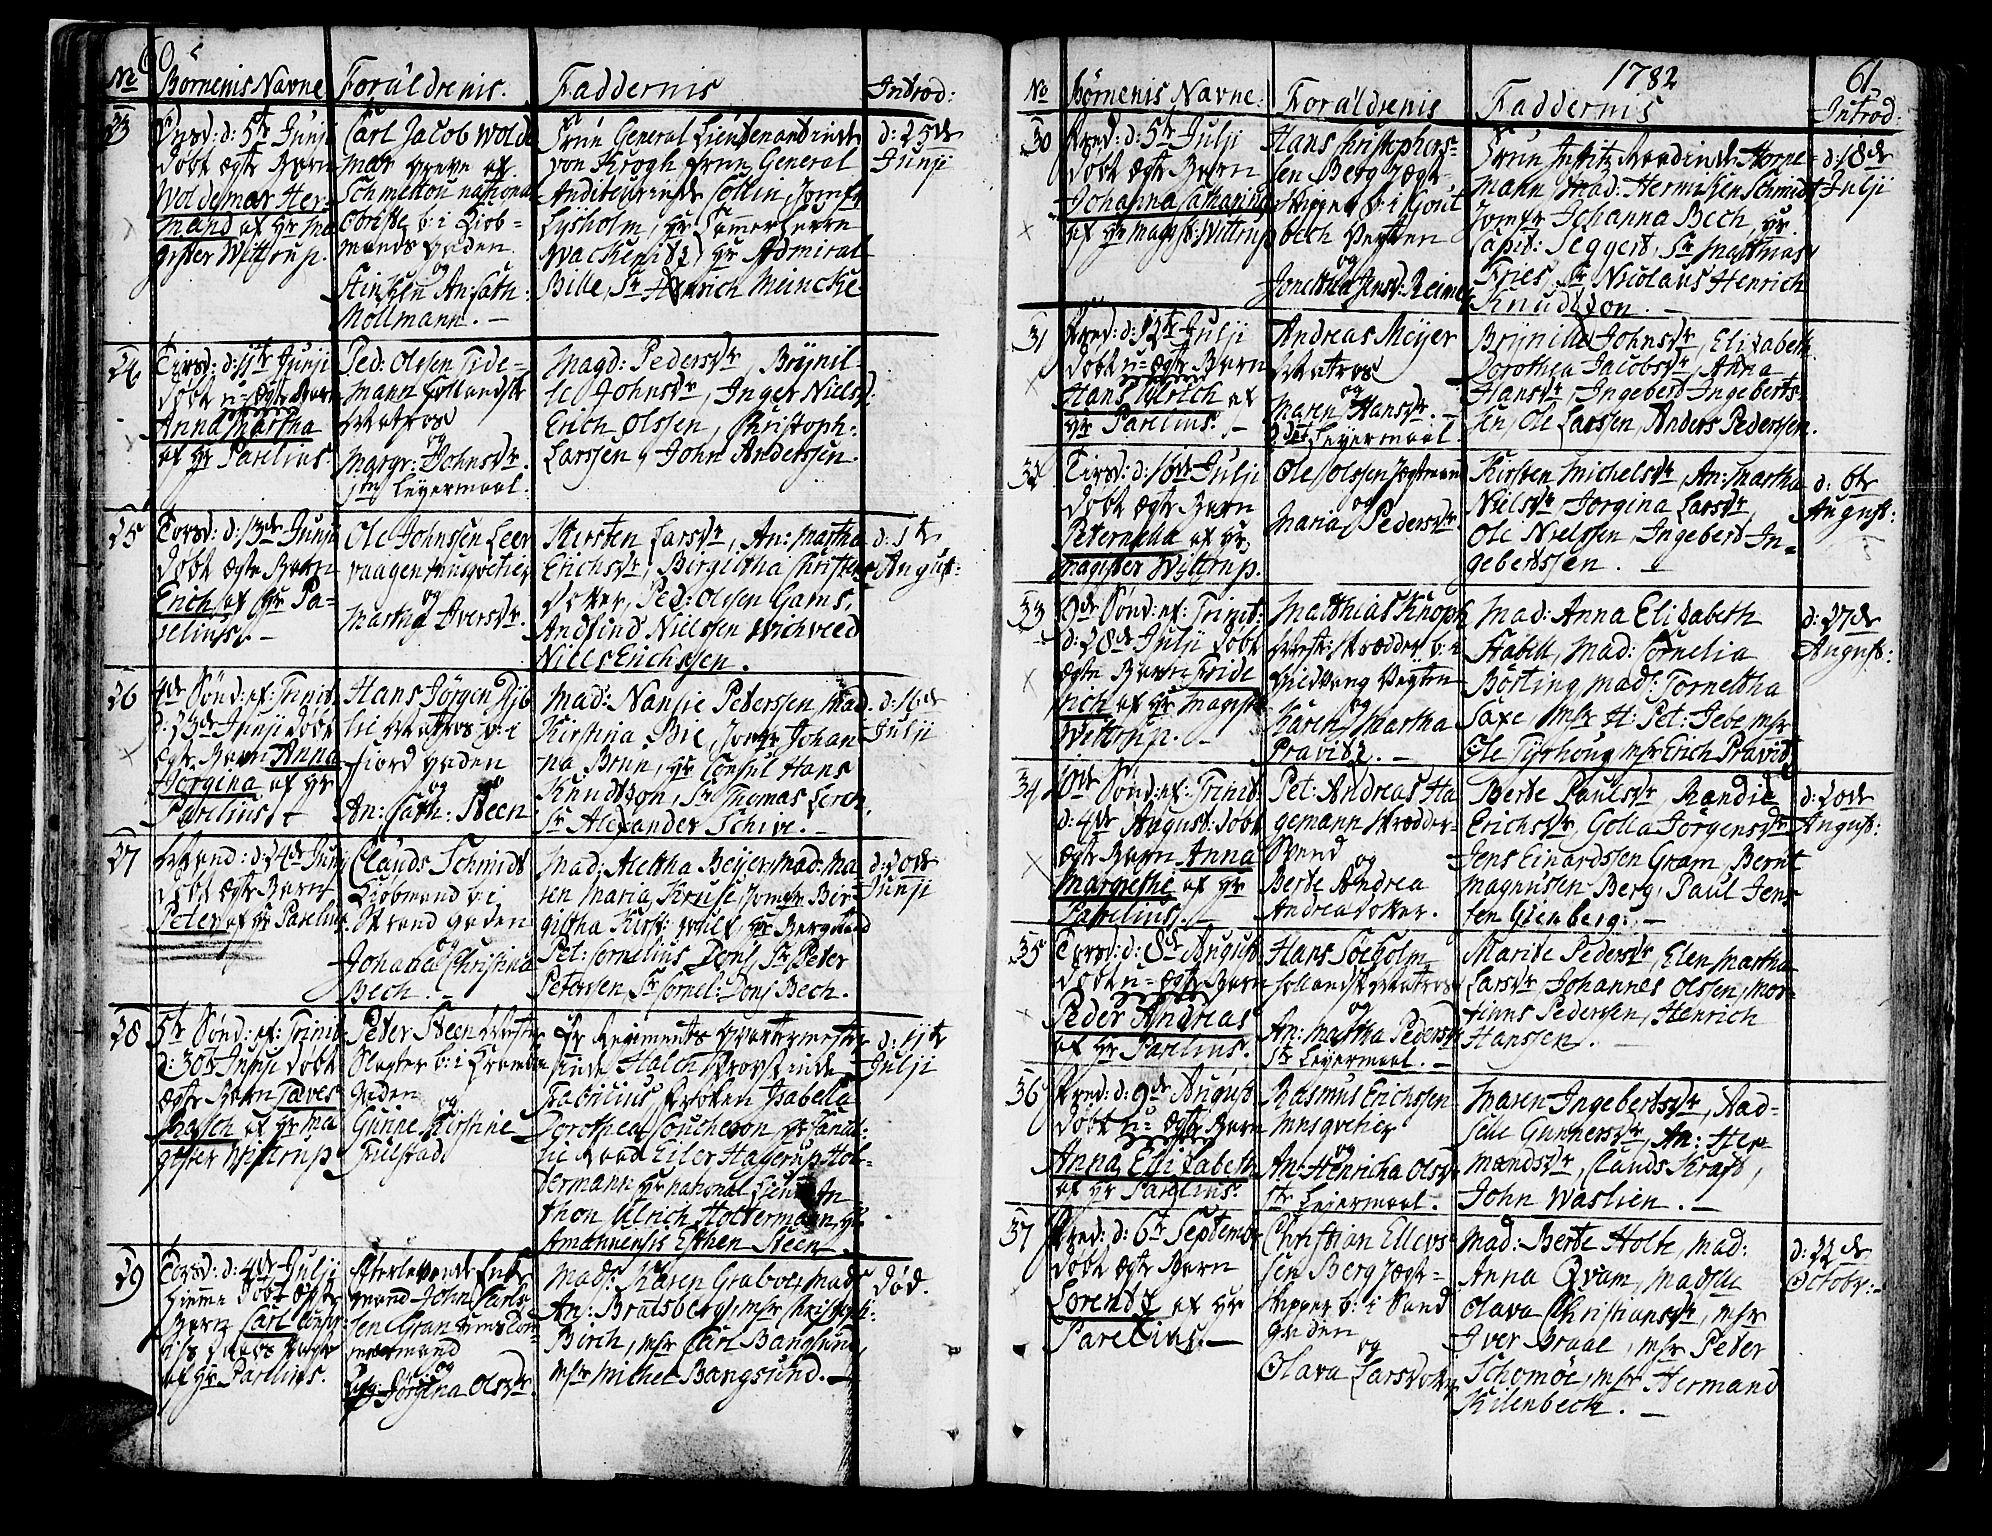 SAT, Ministerialprotokoller, klokkerbøker og fødselsregistre - Sør-Trøndelag, 602/L0104: Ministerialbok nr. 602A02, 1774-1814, s. 60-61